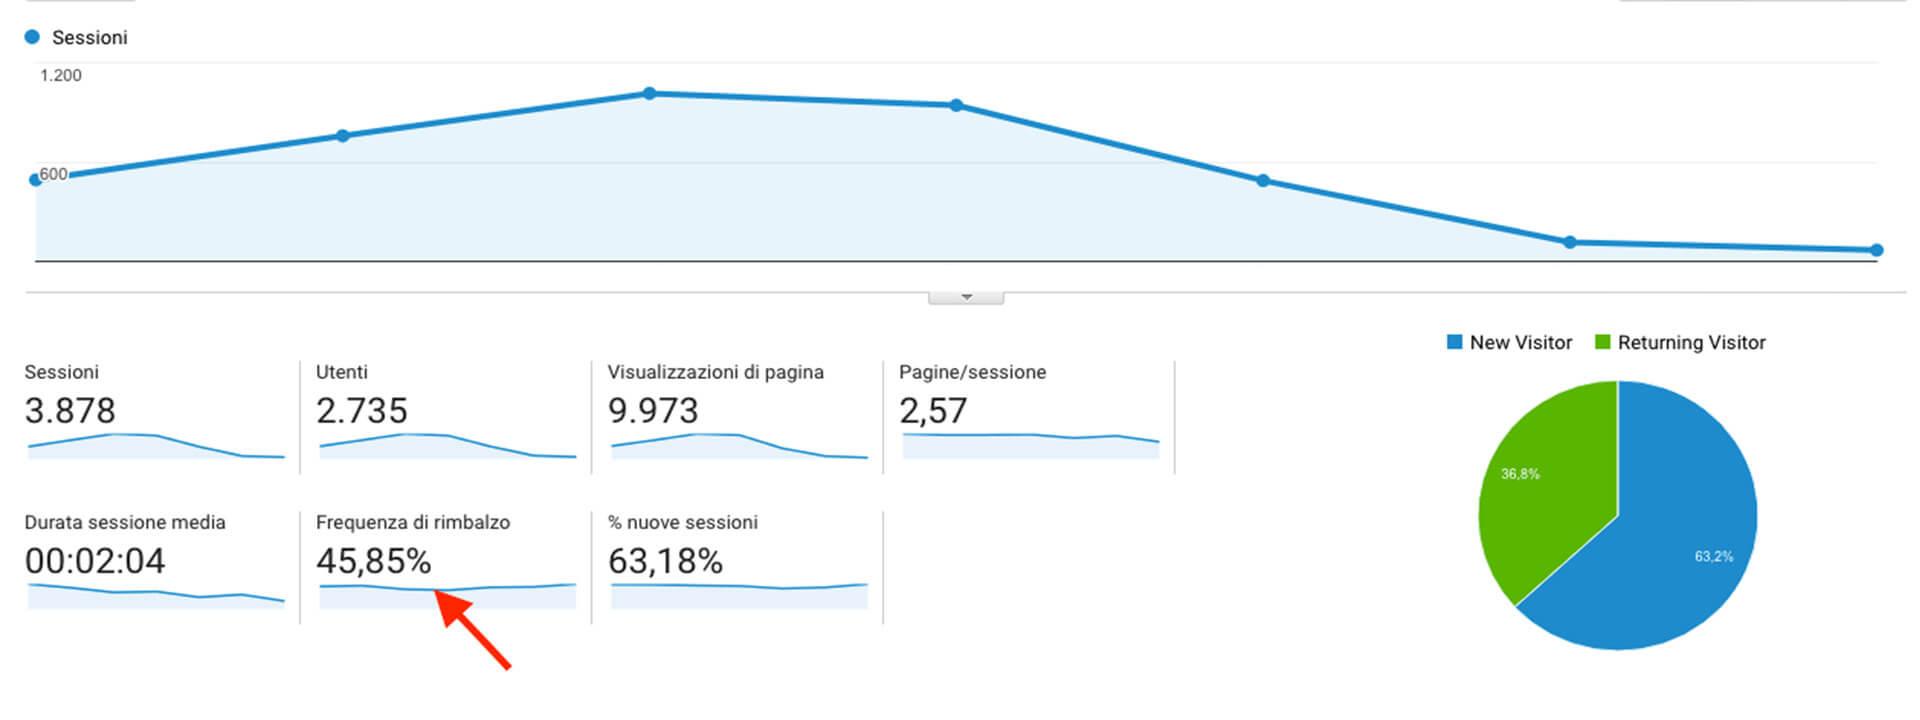 Sito web e Analytics: Frequenza di rimbalzo